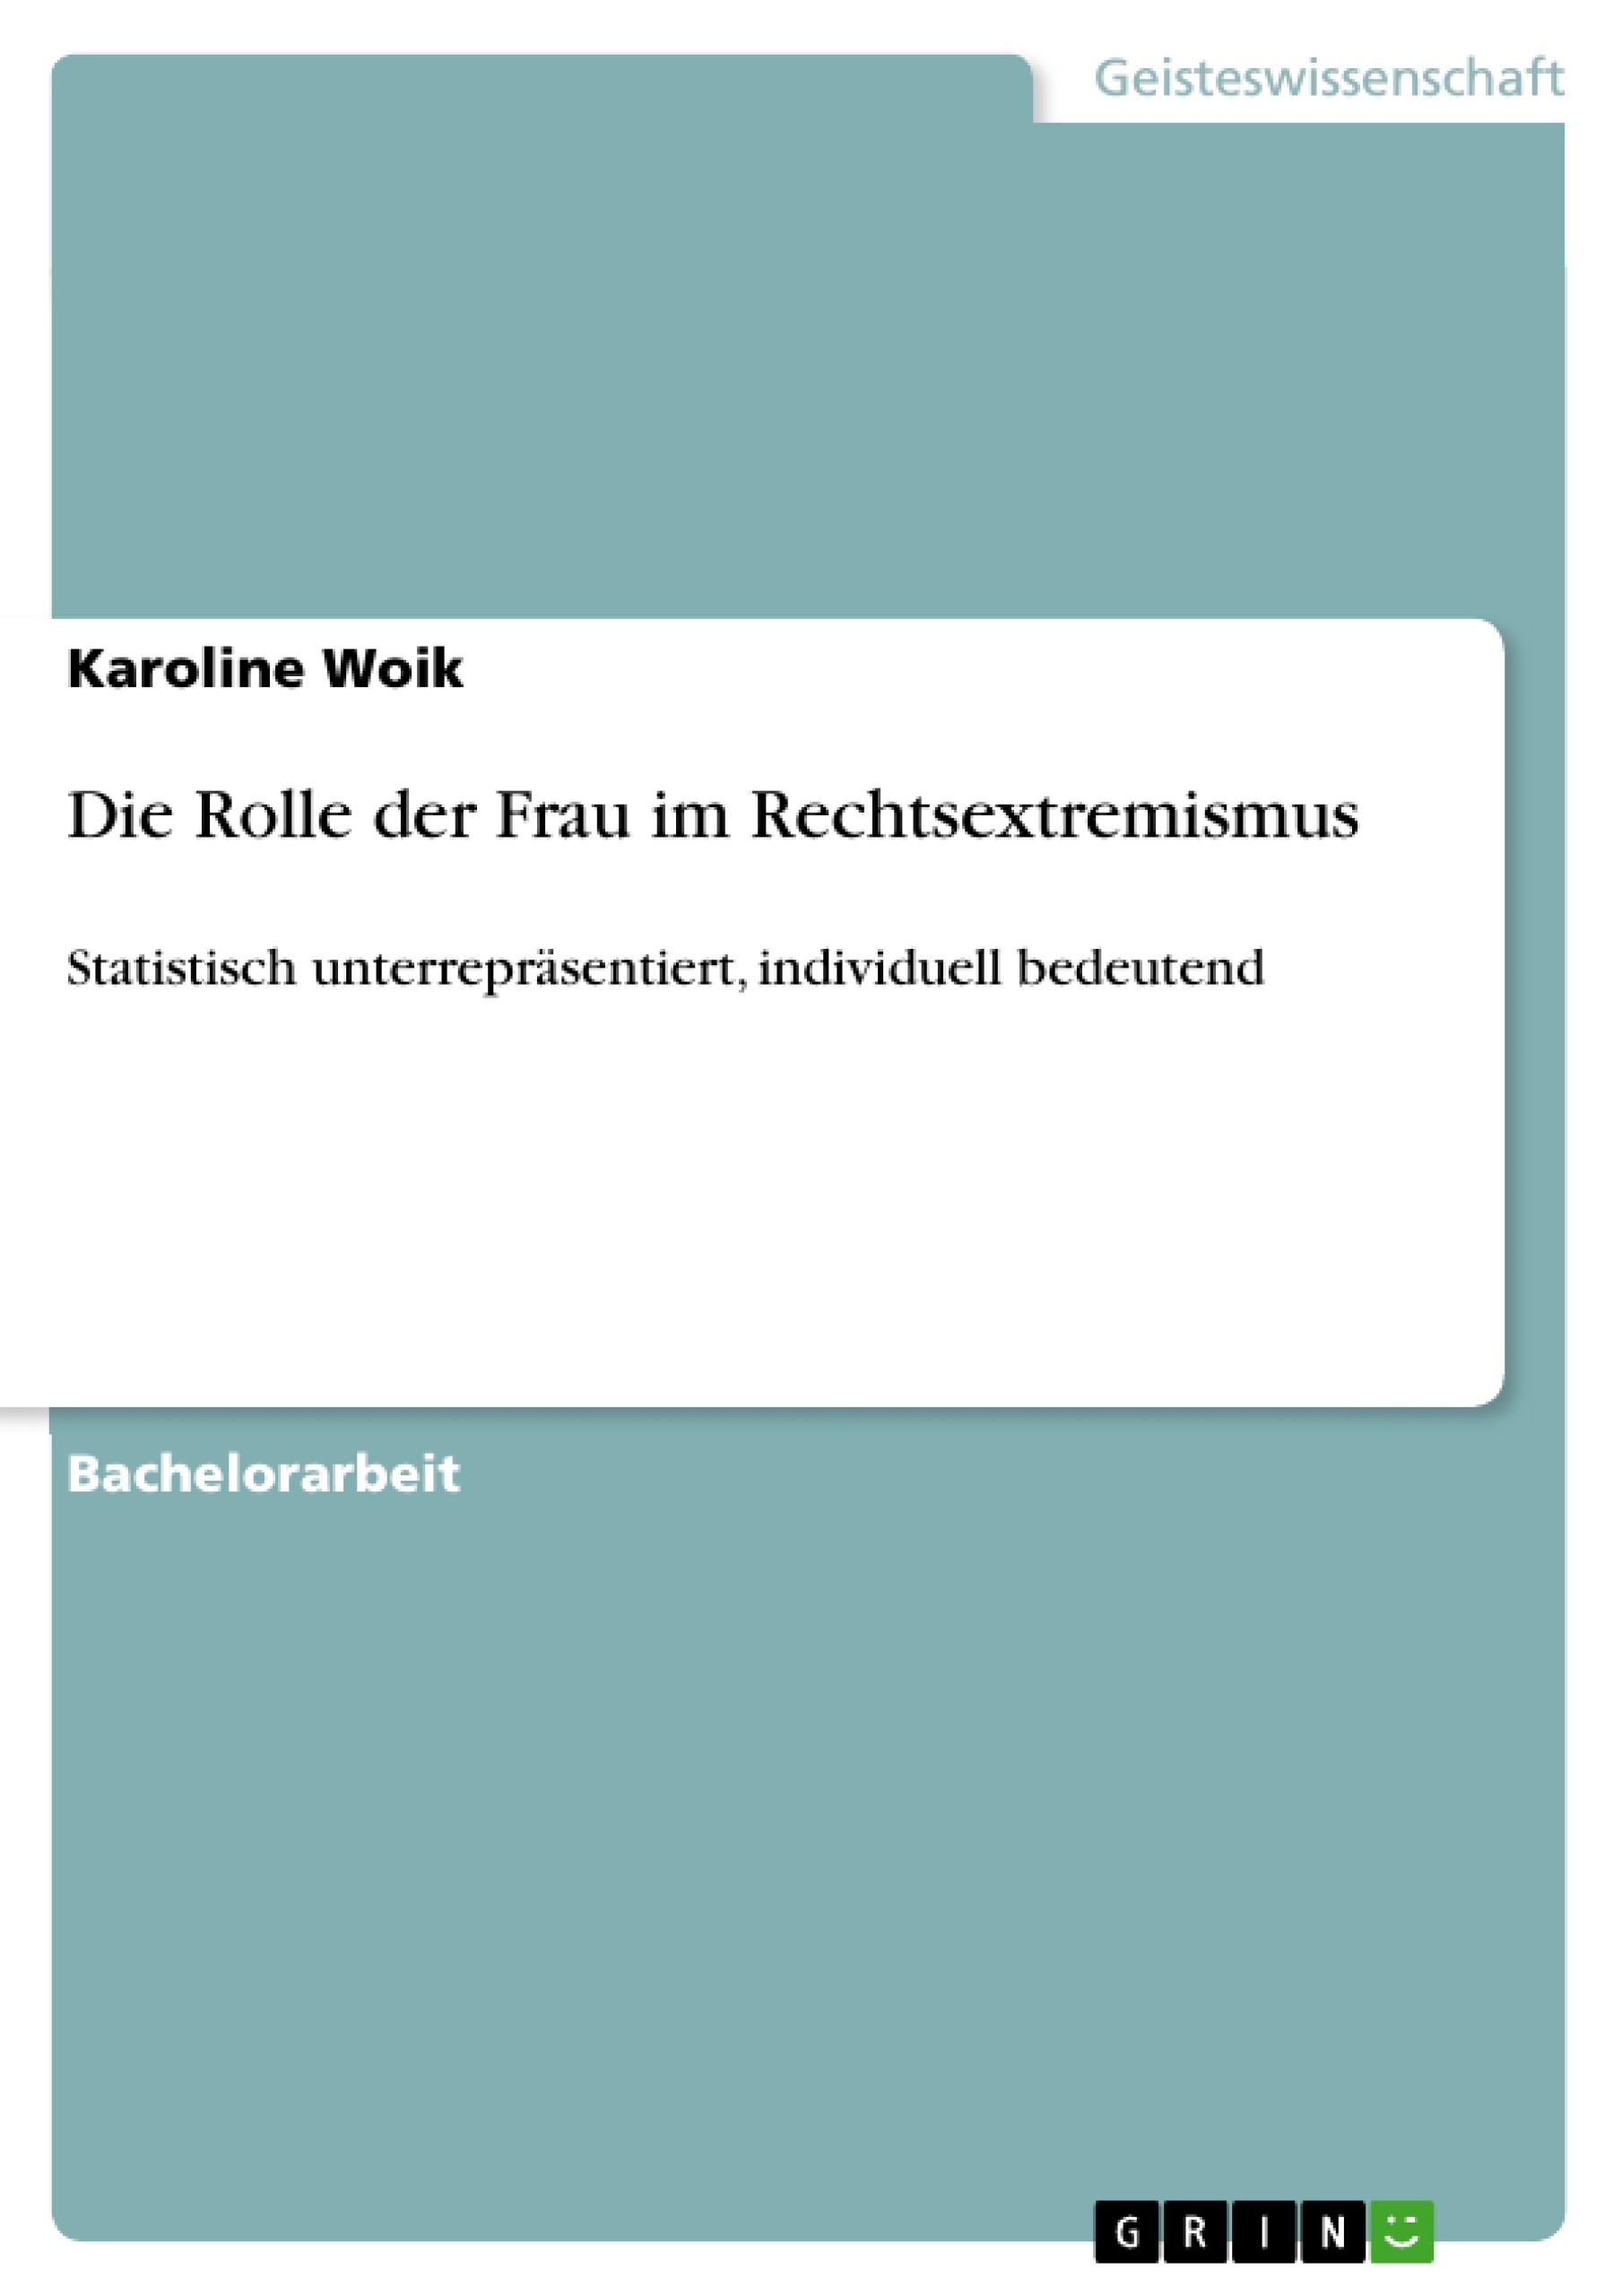 Titel: Die Rolle der Frau im Rechtsextremismus